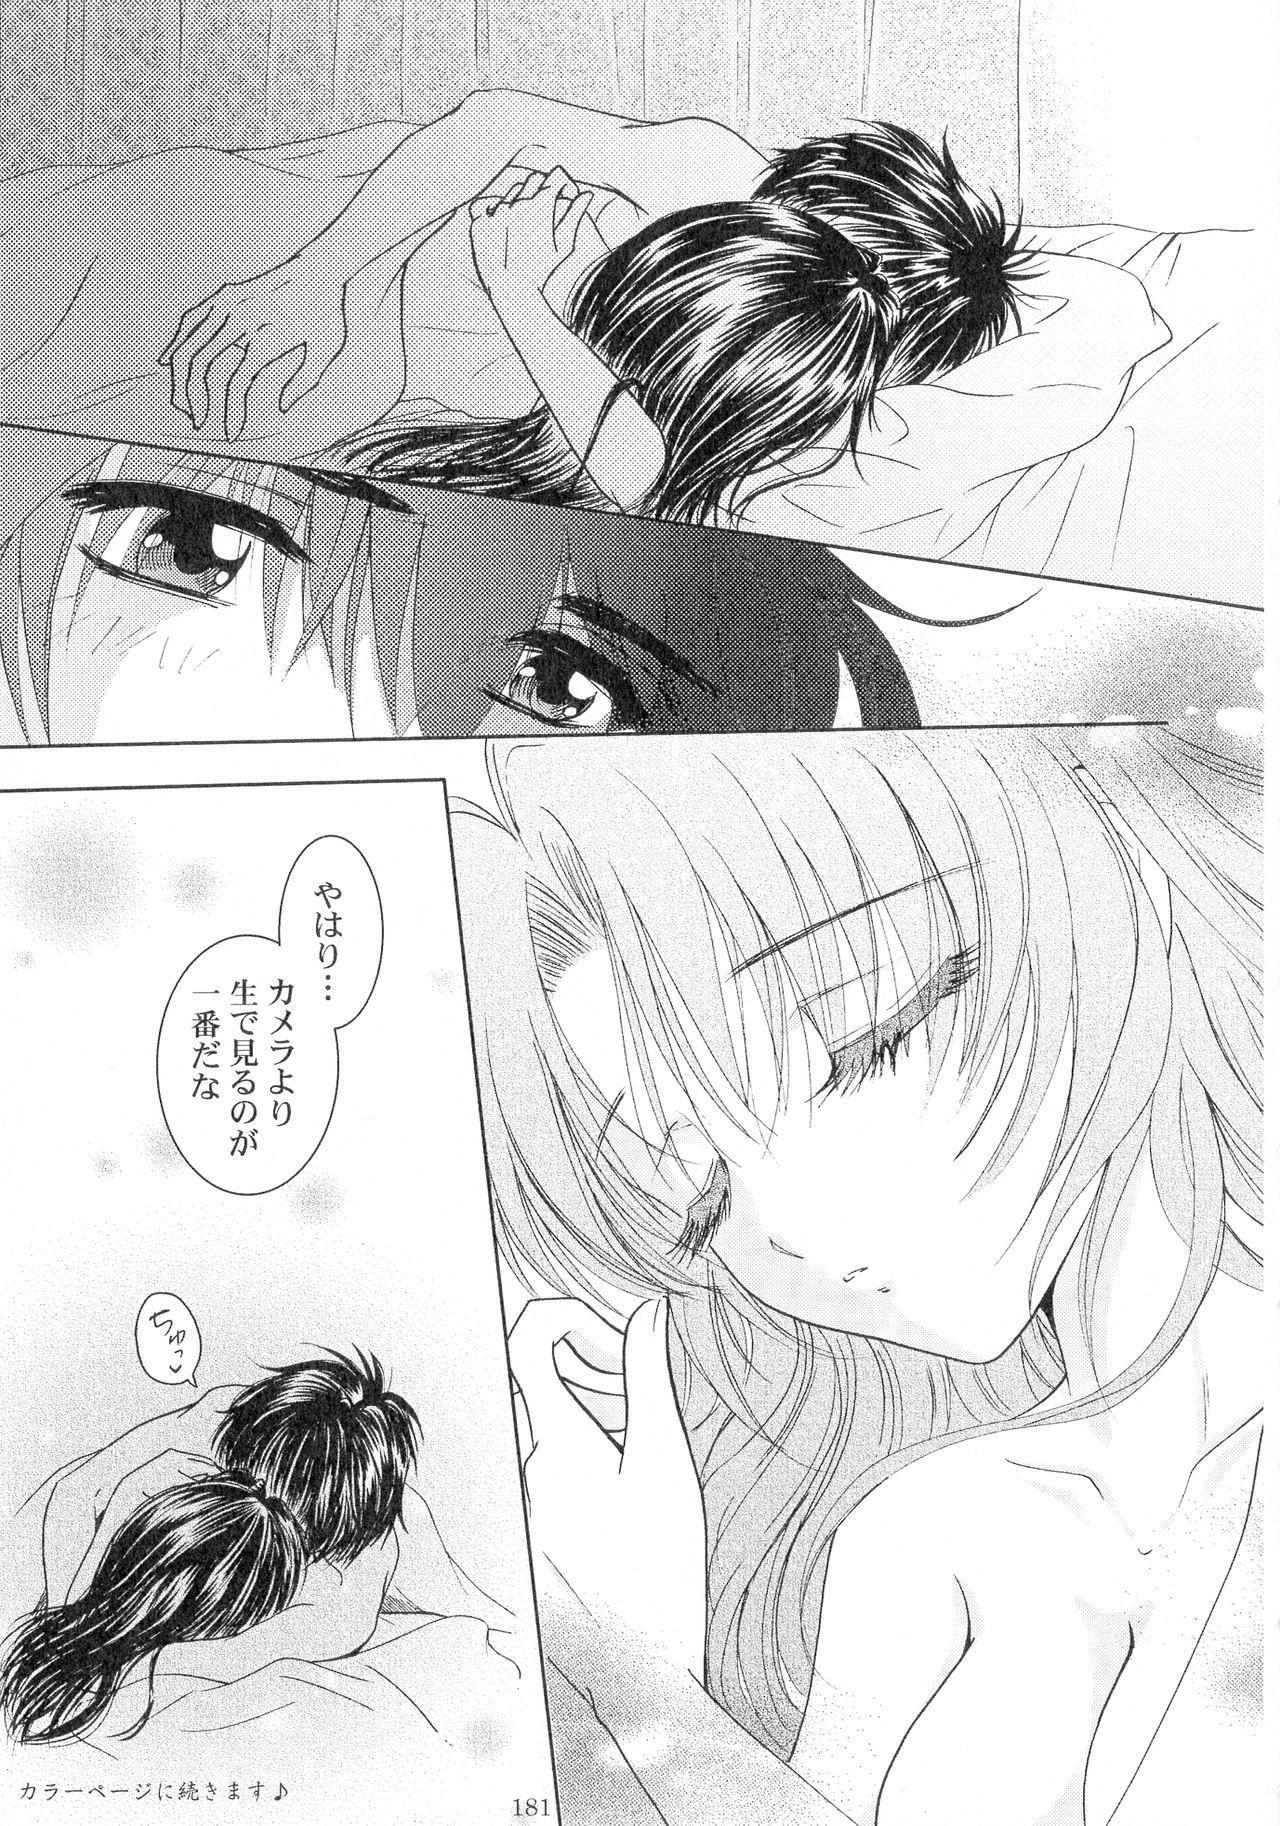 SEXY PANIC Sairoku-shuu VOL.3 179